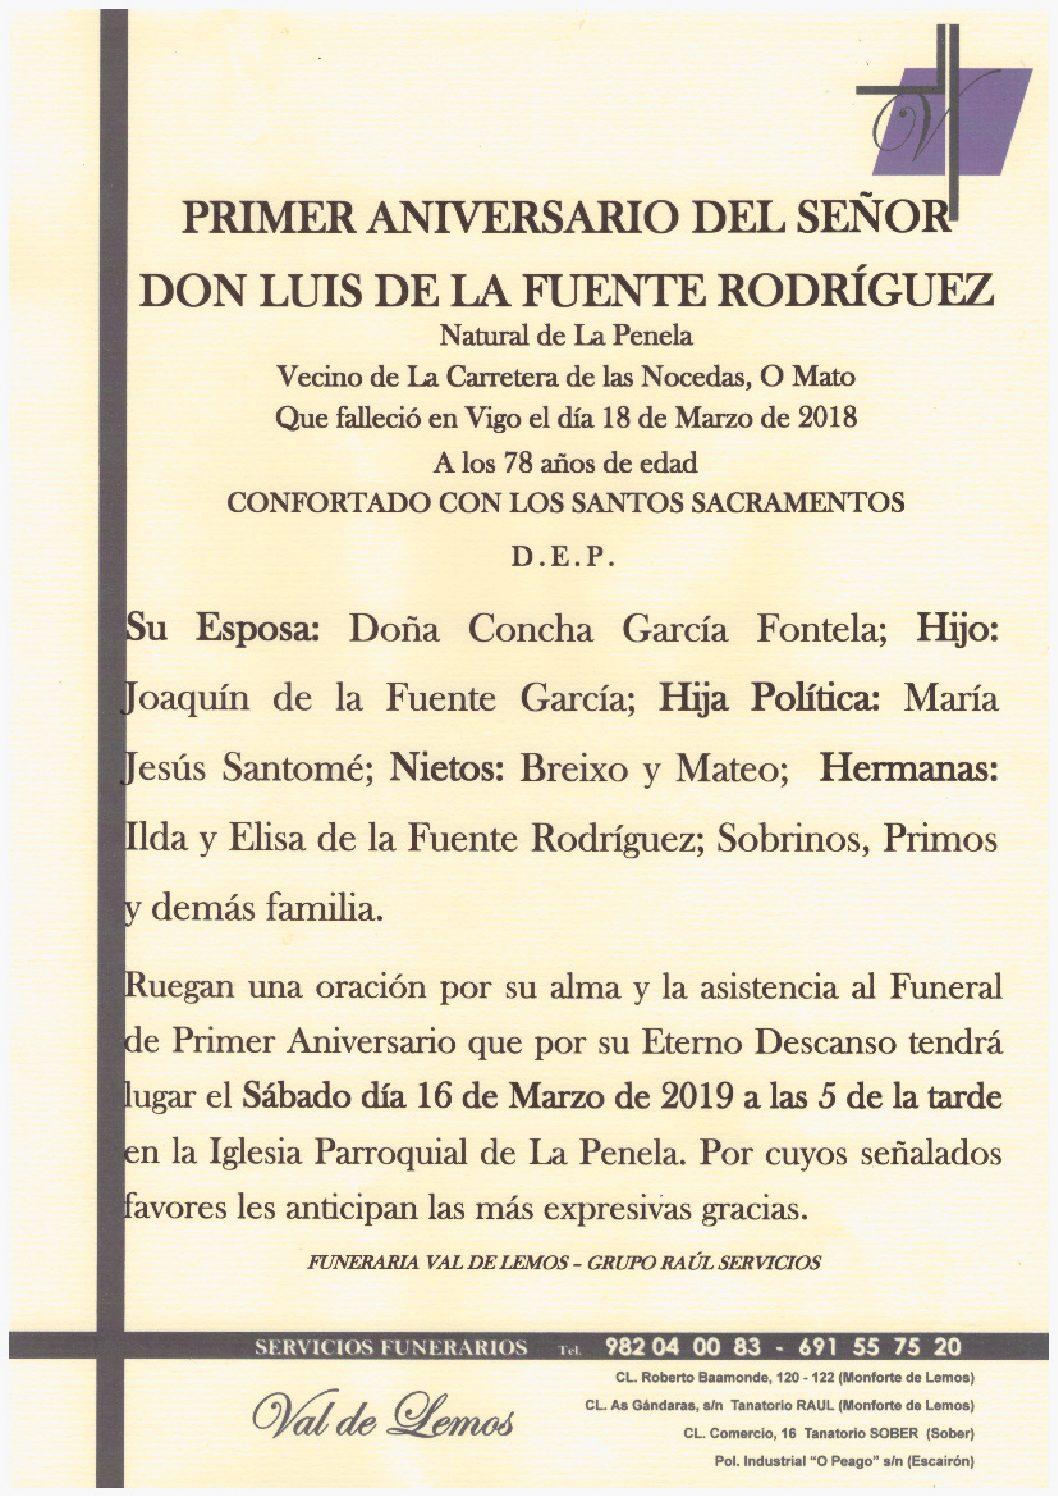 PRIMER ANIVERSARIO DE DON LUIS DE LA FUENTE RODRIGUEZ